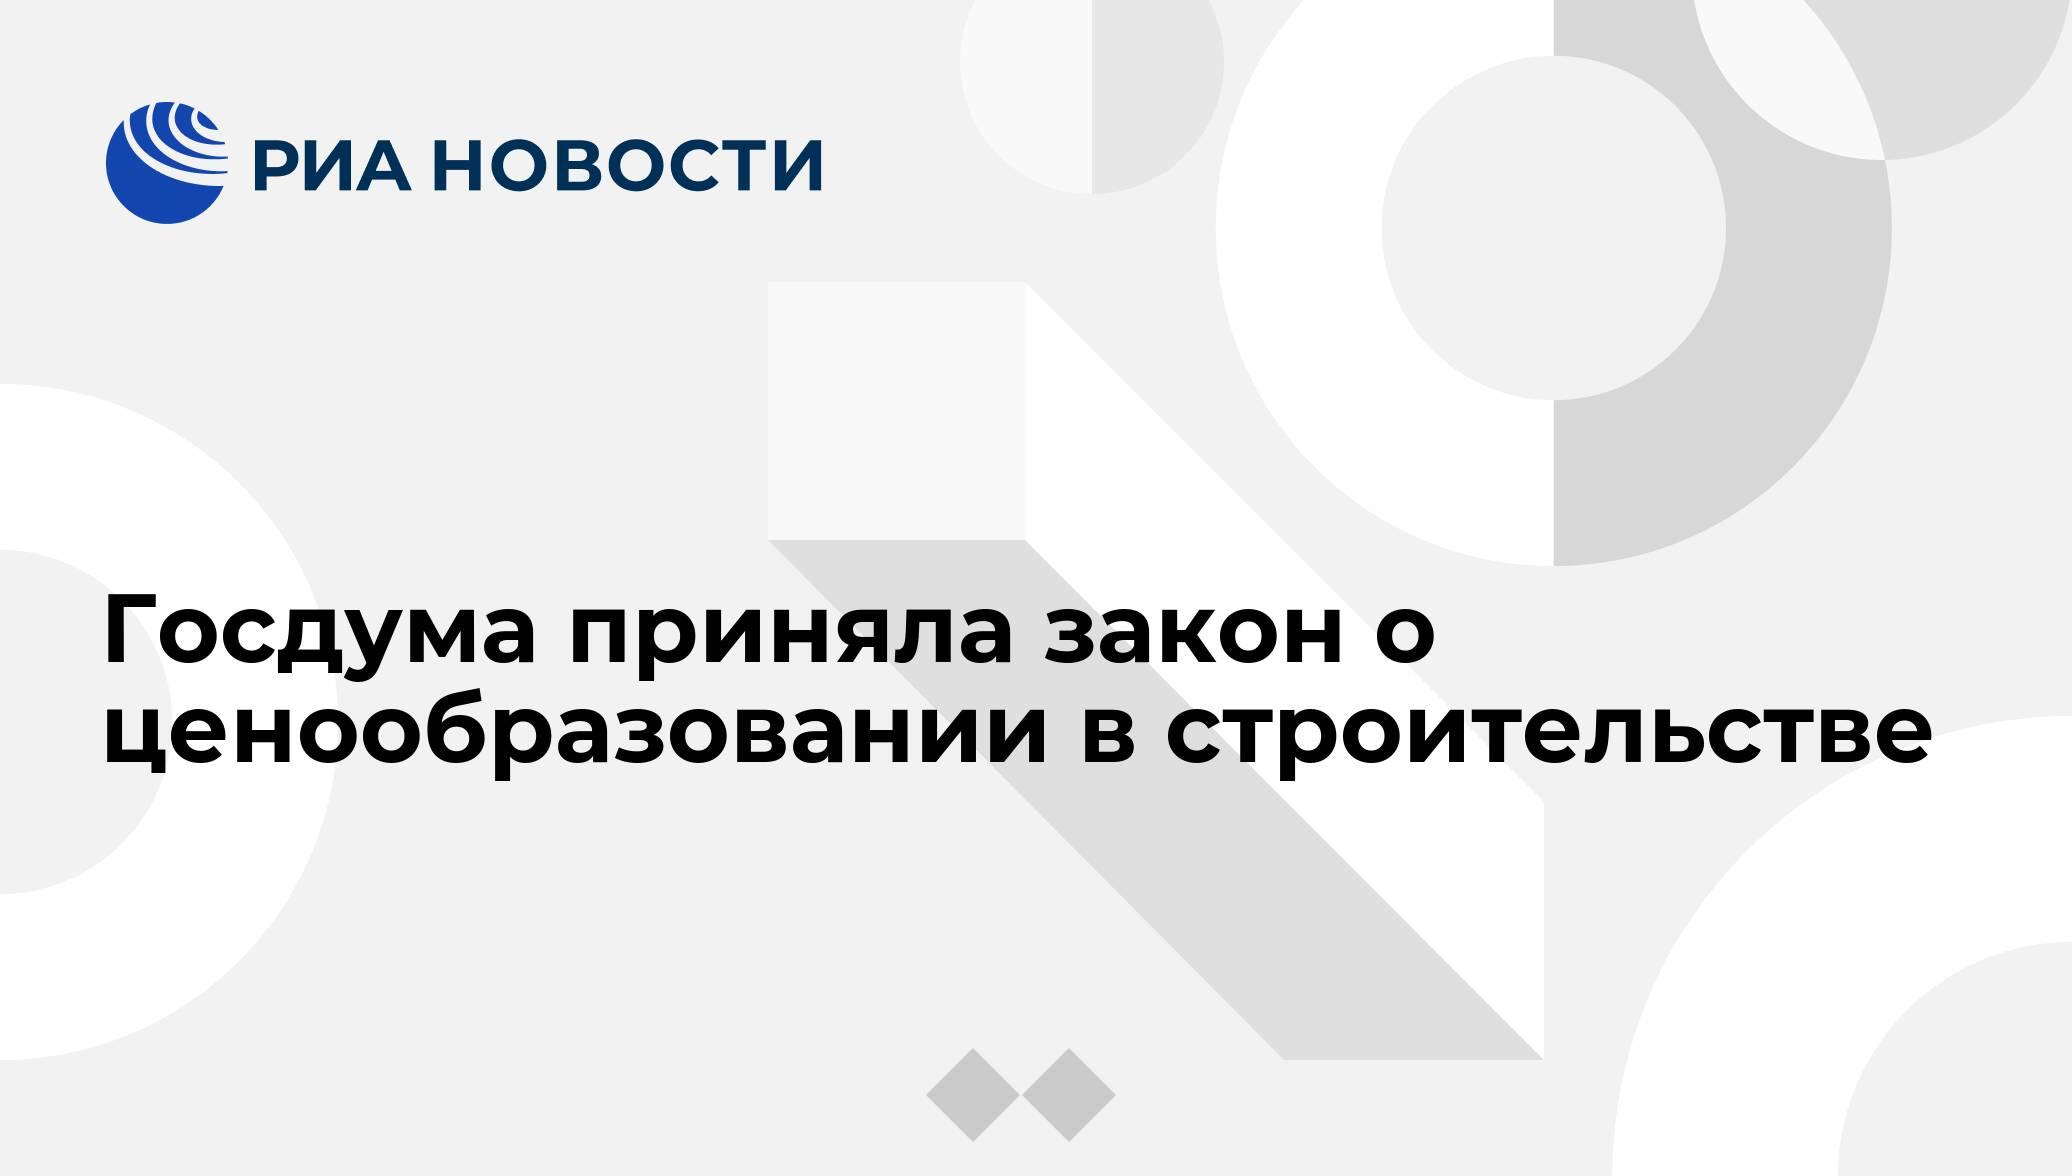 ценообразование в строительстве украина 2016